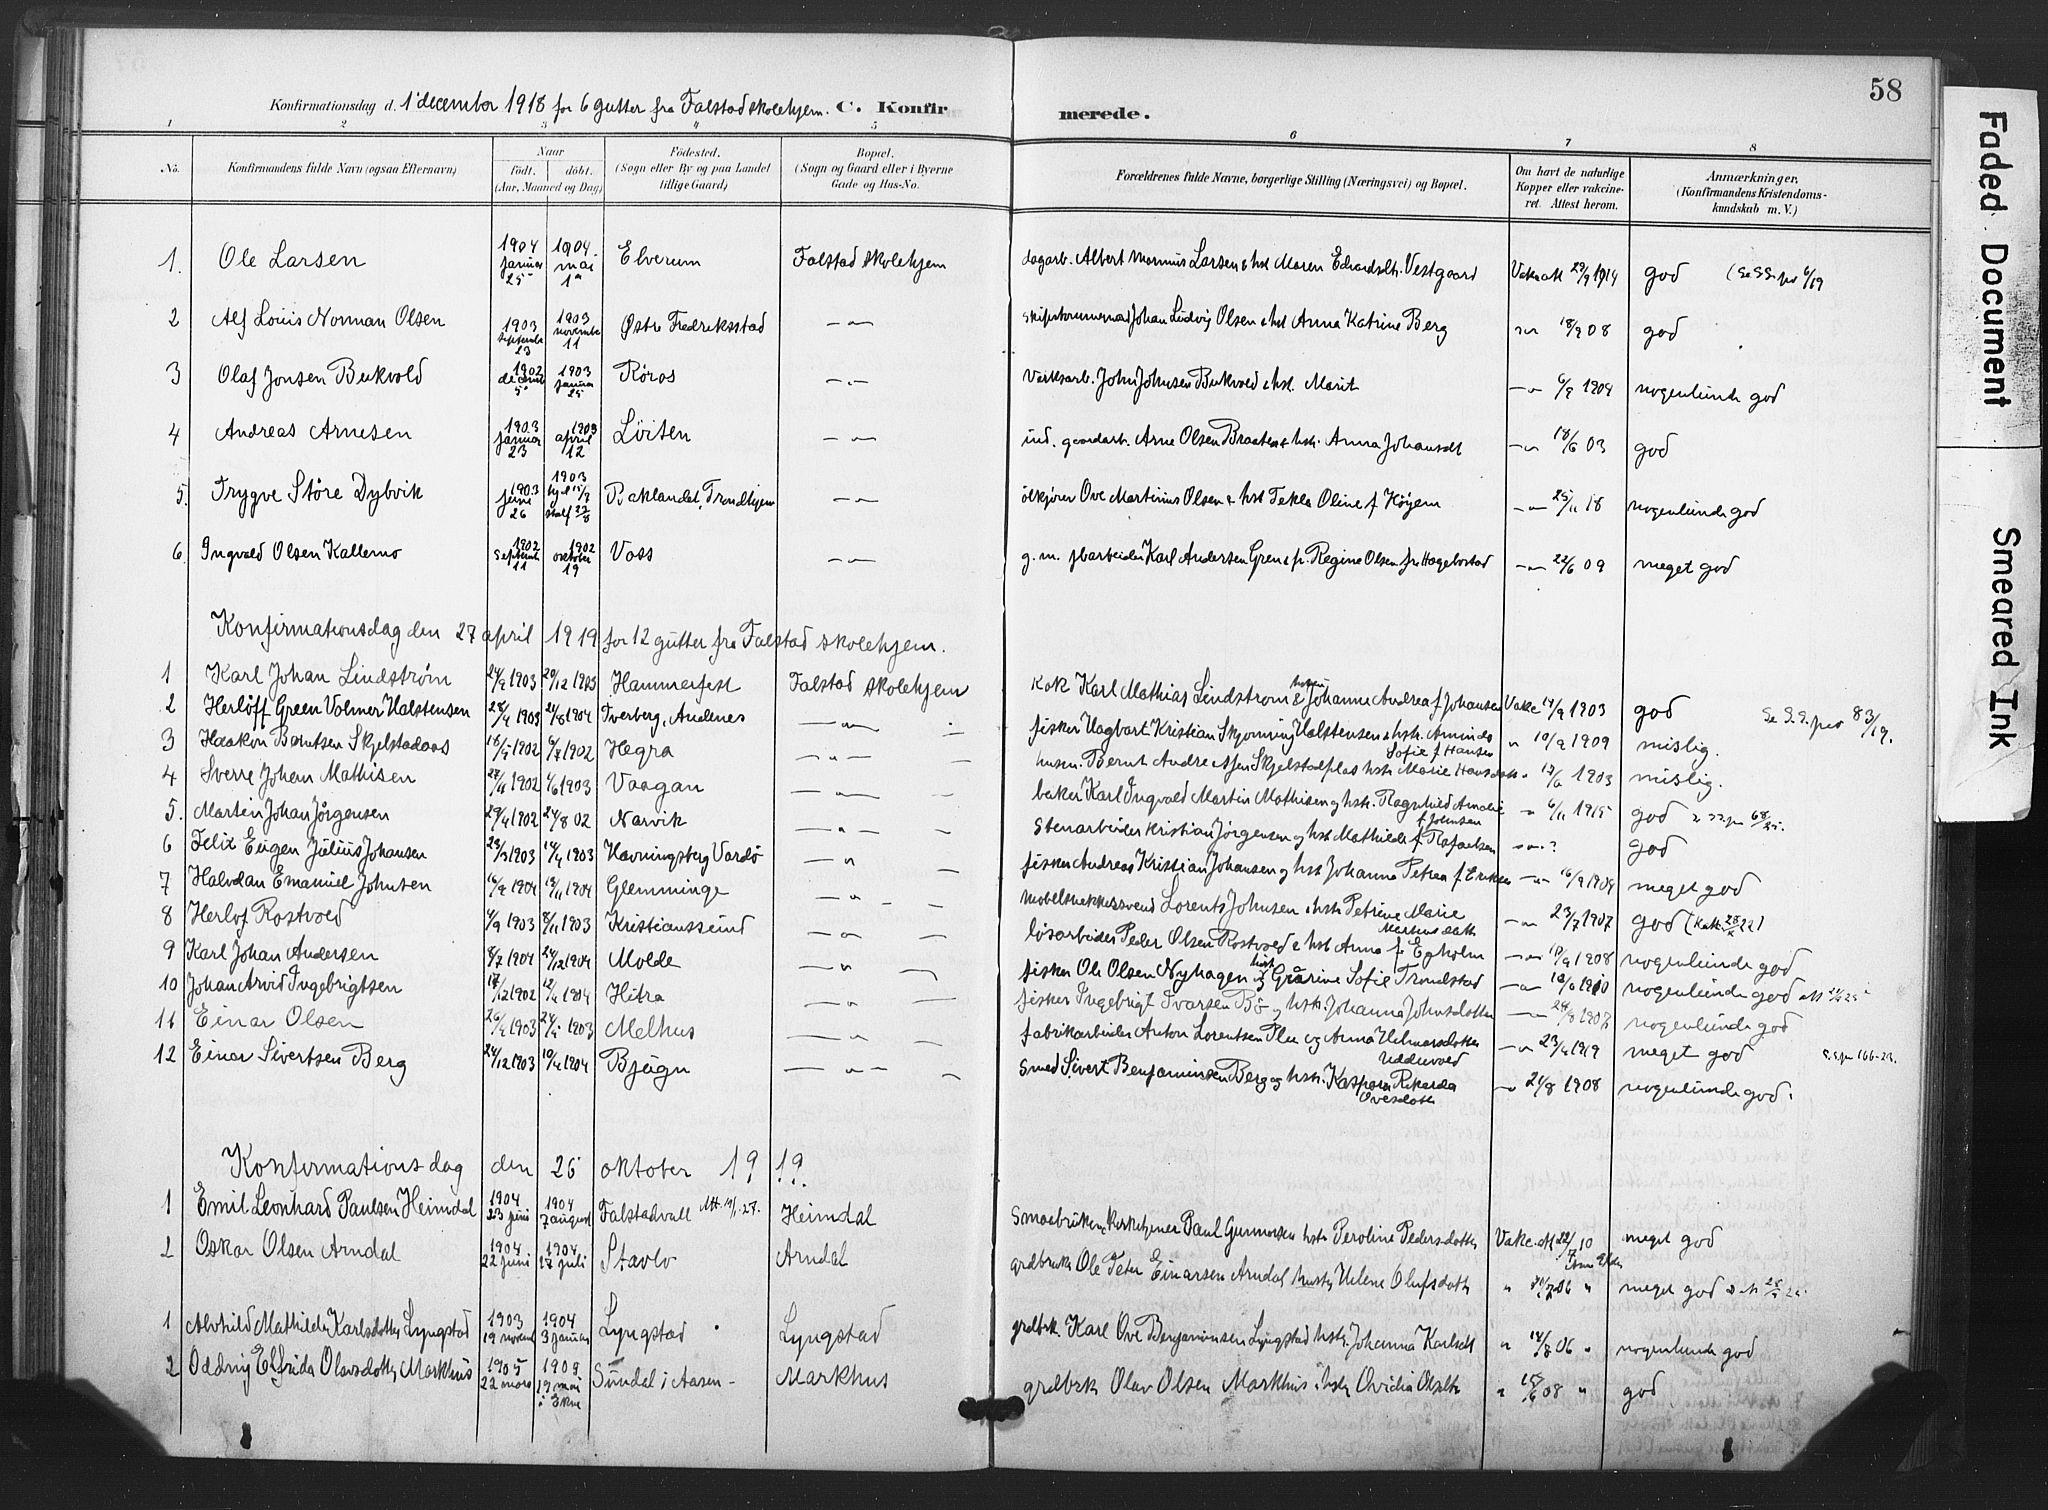 SAT, Ministerialprotokoller, klokkerbøker og fødselsregistre - Nord-Trøndelag, 719/L0179: Ministerialbok nr. 719A02, 1901-1923, s. 58